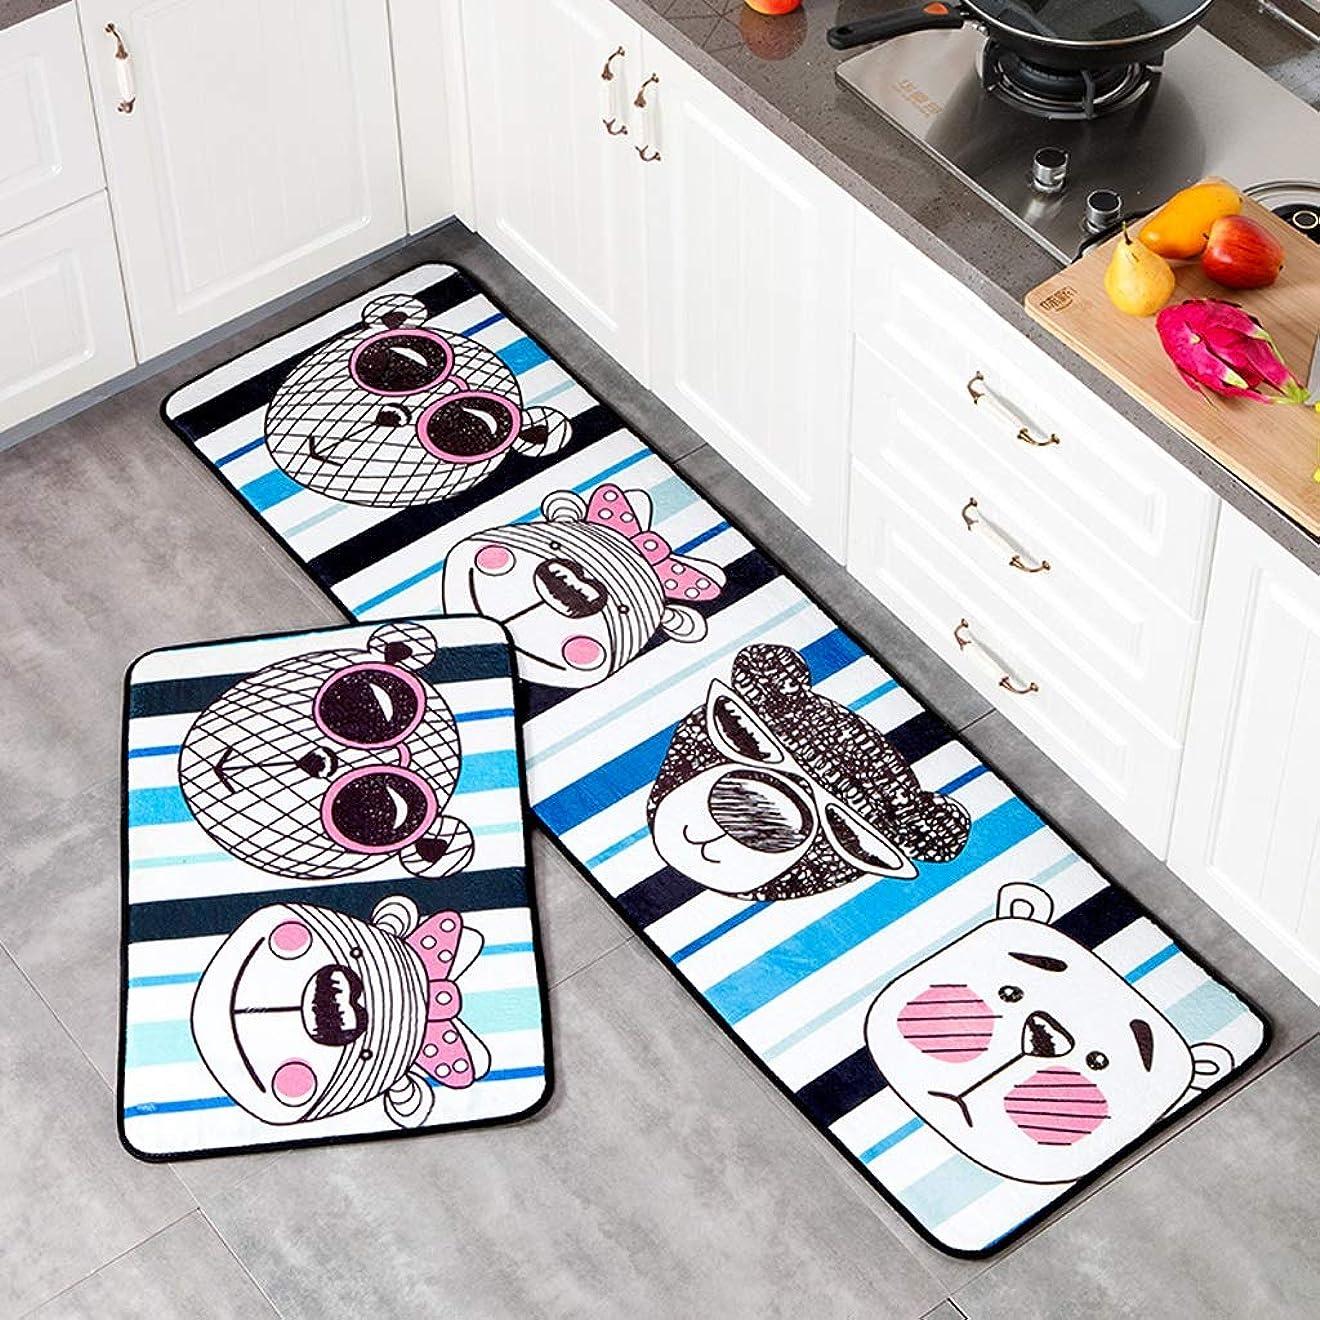 マイクロフォンうめき飾る防水キッチンマット、ブレンド家庭用オイルプルーフノンスリップドアマット、カーペット家庭リビングルーム白 UOMUN (Size : 50X120cm)